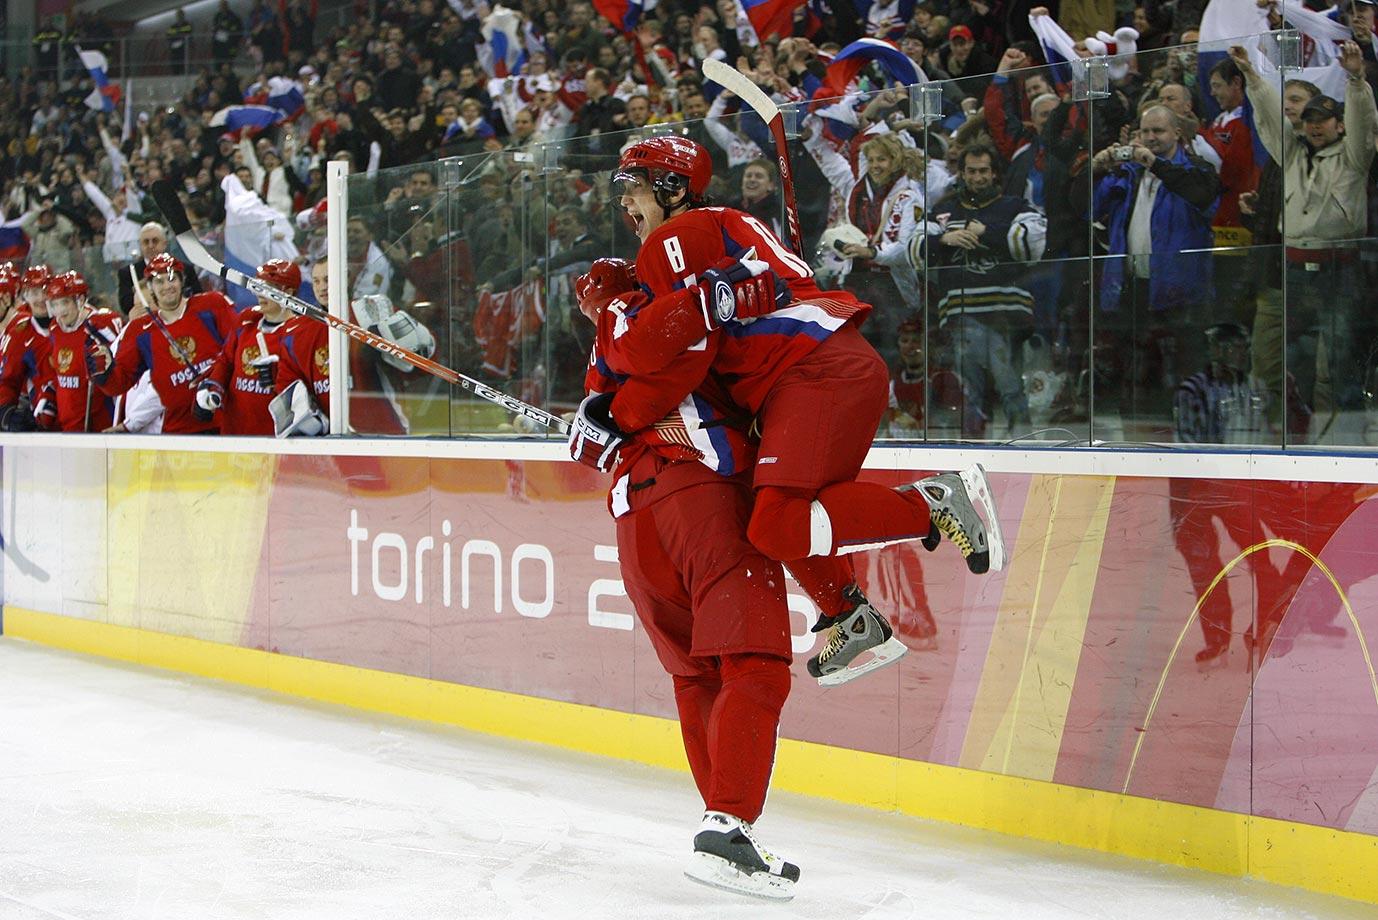 February 16, 2006 — Winter Olympics